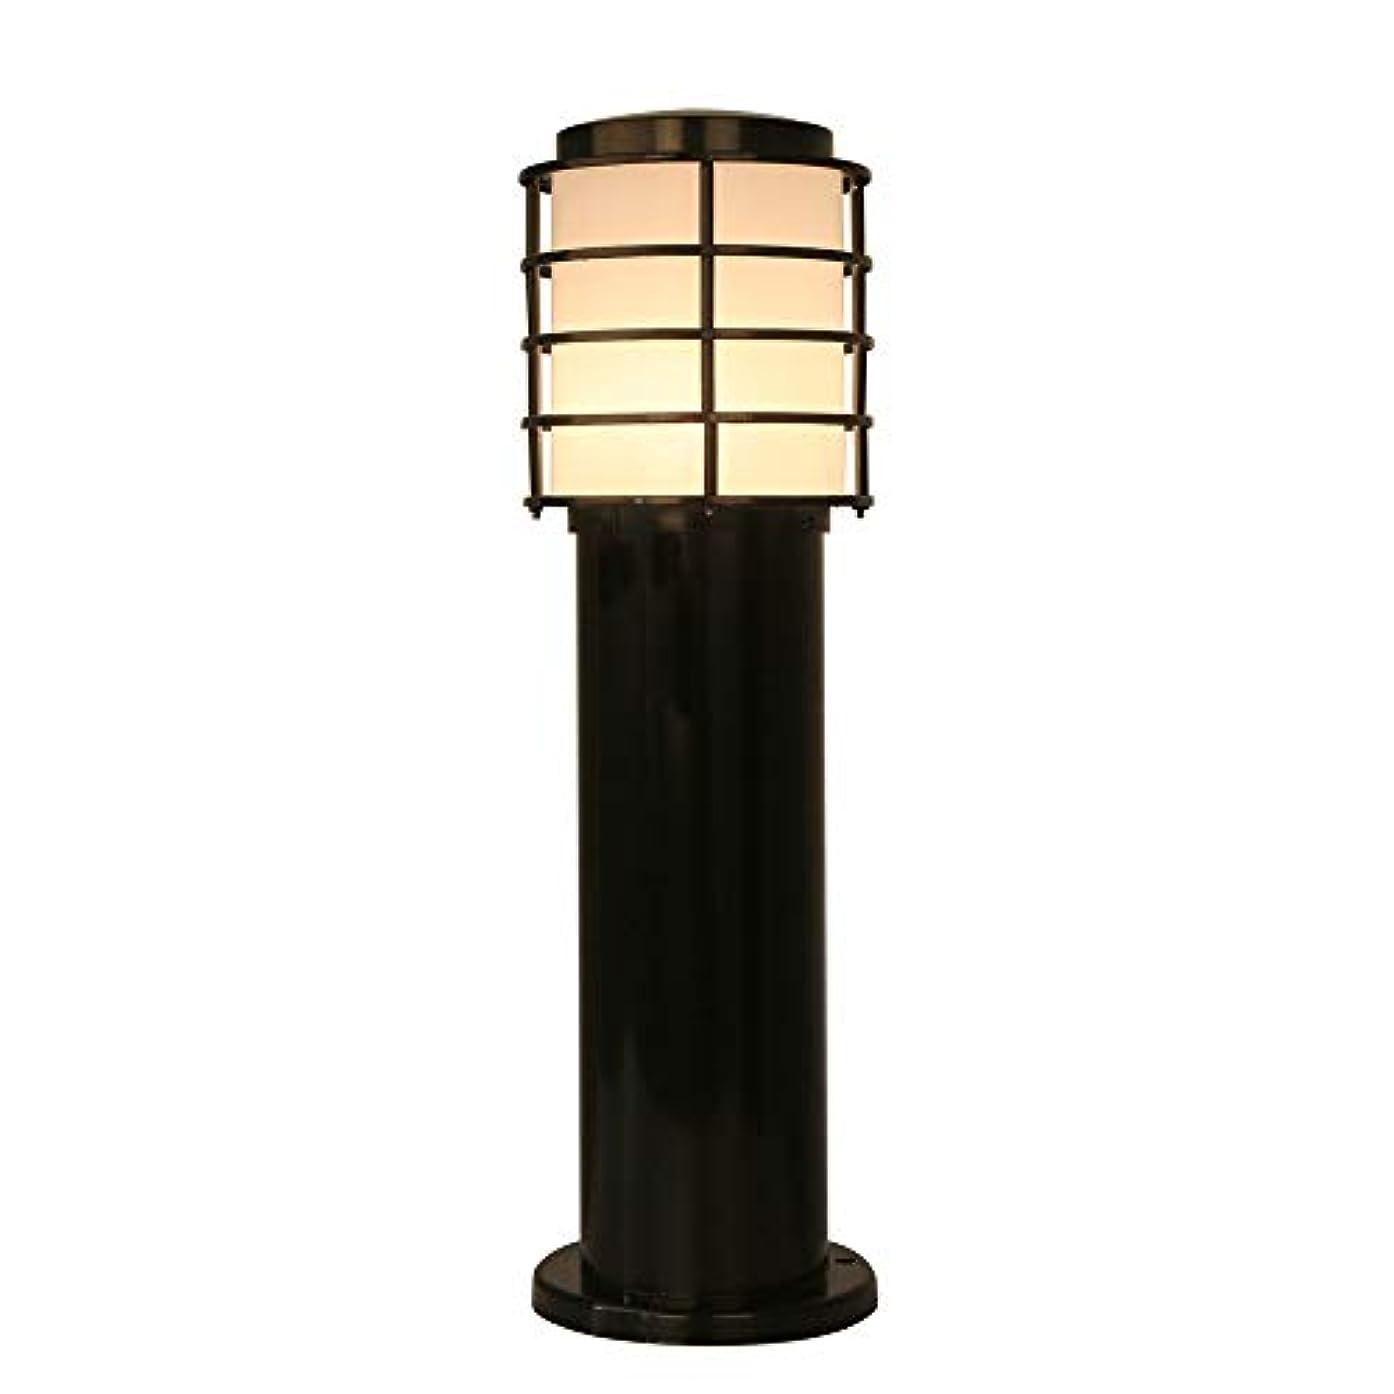 あいまいジョージハンブリー怒ってPinjeer E27ブラック超明るい防水屋外コラムライト現代のシンプルな金属アルミアクリルポストライトガーデン芝生風景ストリート装飾的な柱ライト